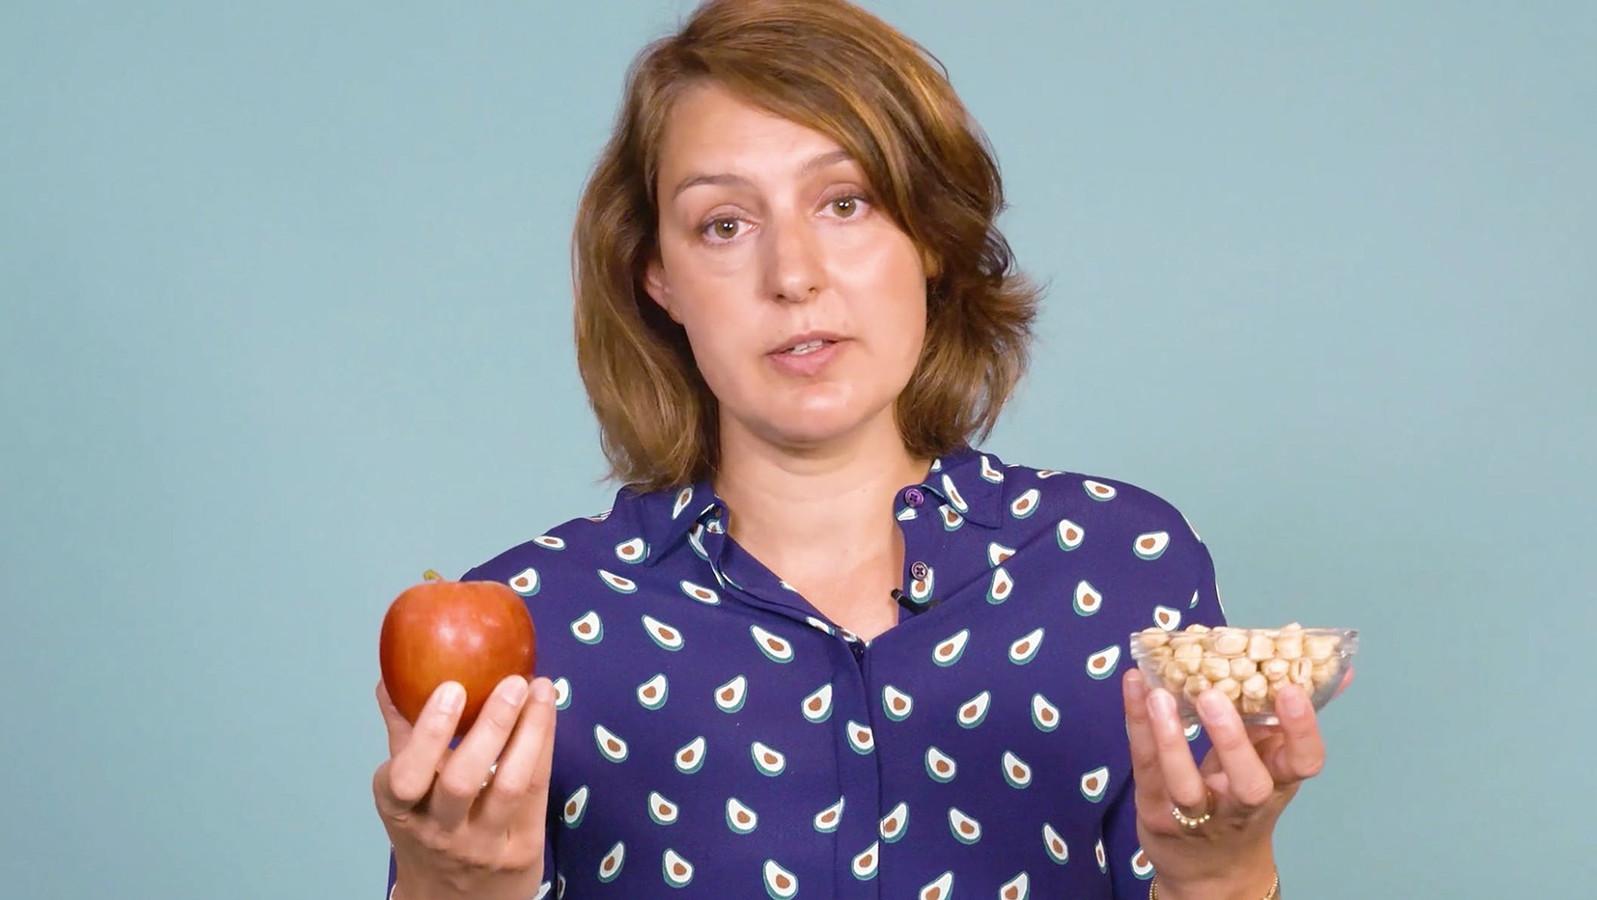 Dermatoloog Marlies de Graaf legt uit wat een voedselallergie is.